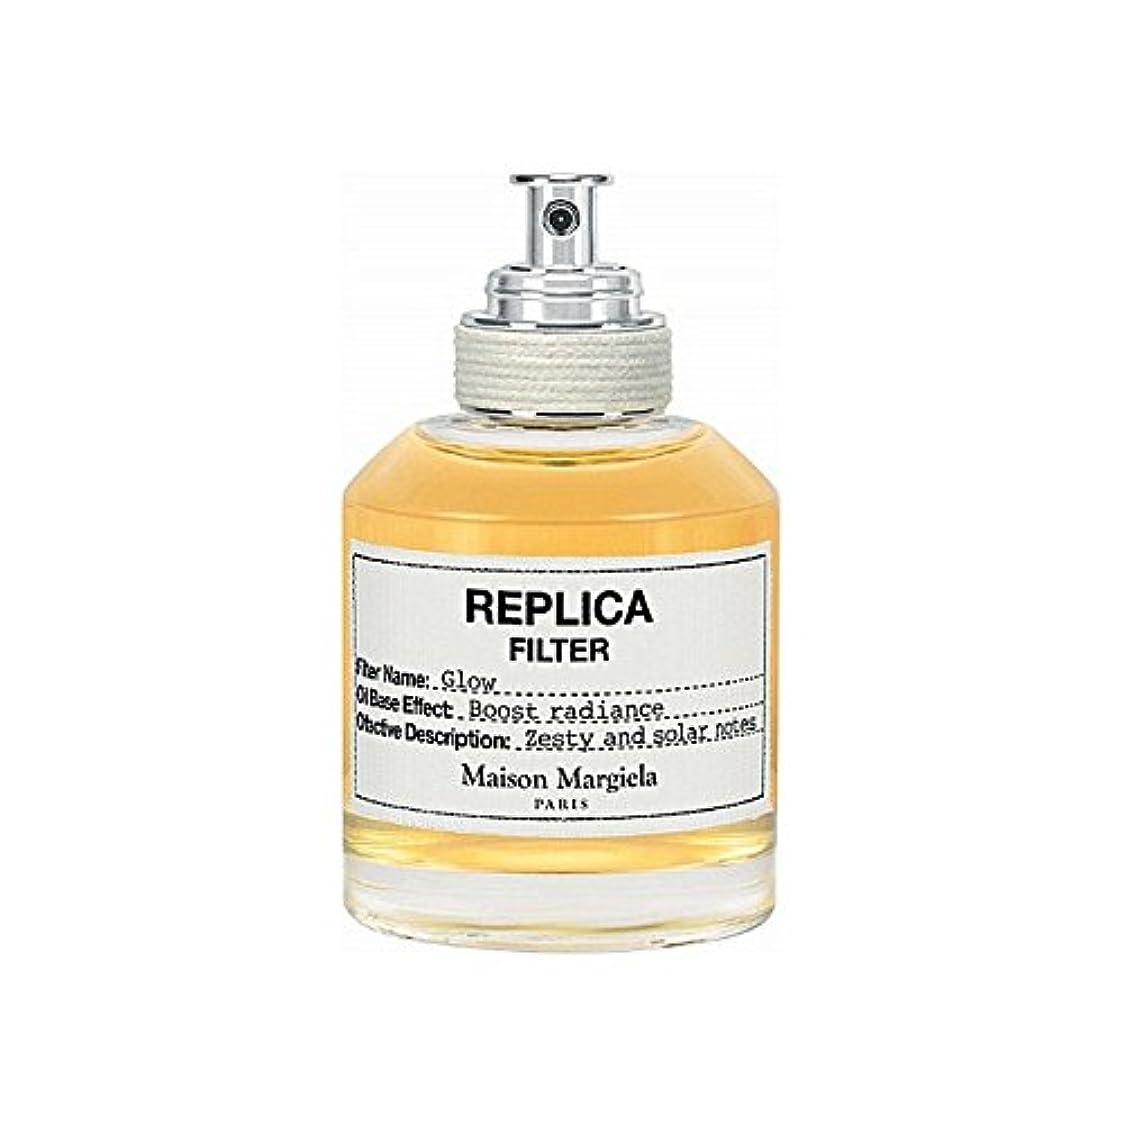 付与コットン水銀のメゾンマルジェラグローレプリカフィルタ50ミリリットル x4 - Maison Margiela Glow Replica Filter 50ml (Pack of 4) [並行輸入品]